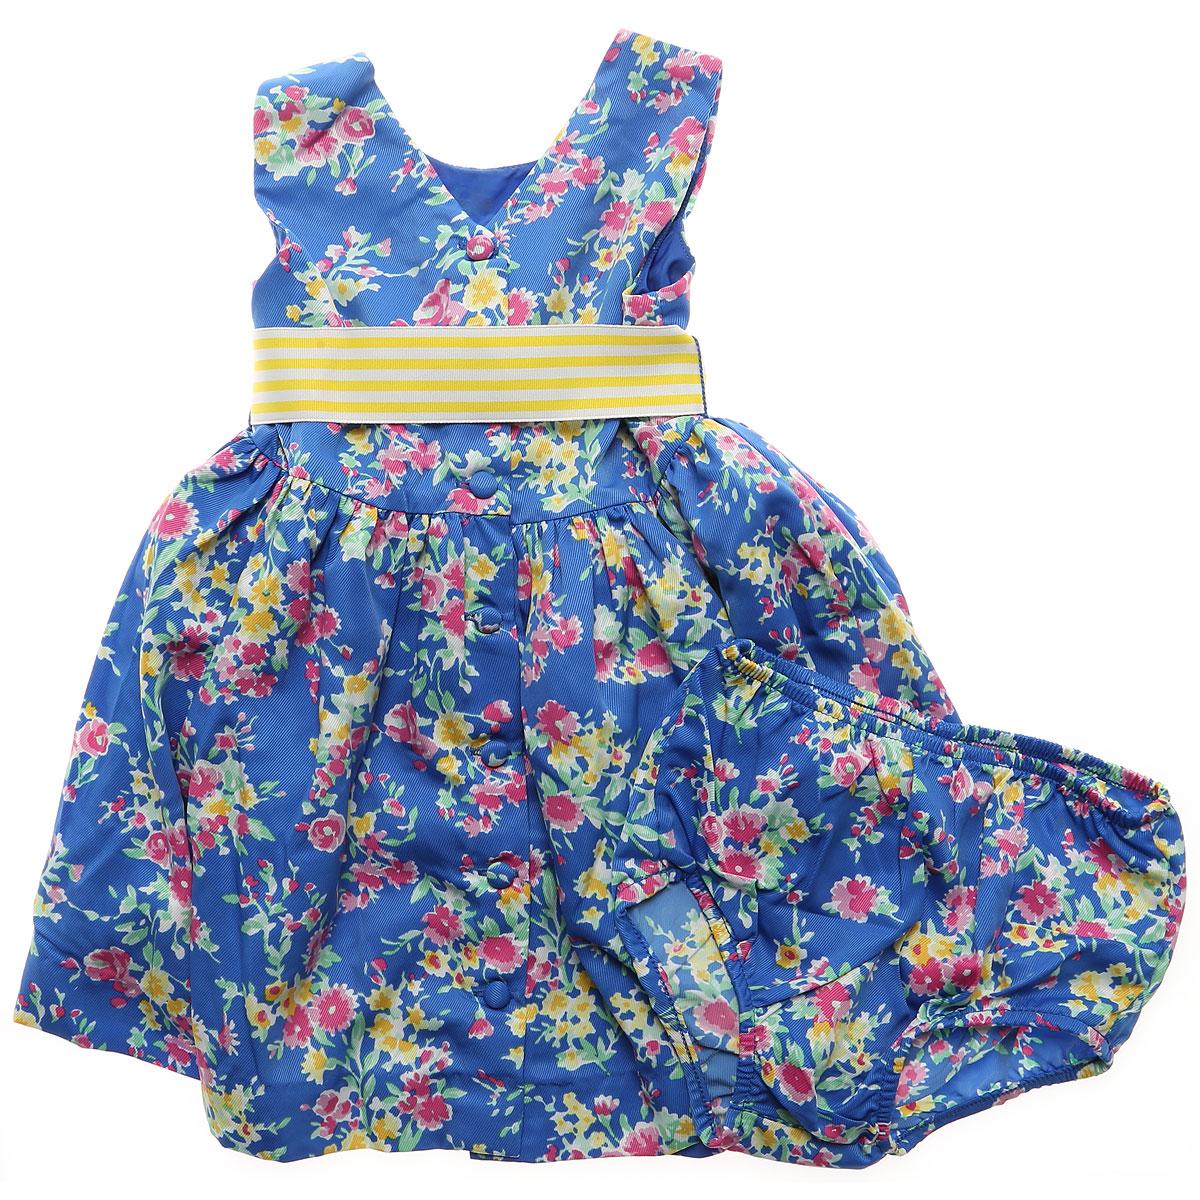 Baby Girl Clothing Ralph Lauren, Style Code Xzamm-Xyamm-Xwag0